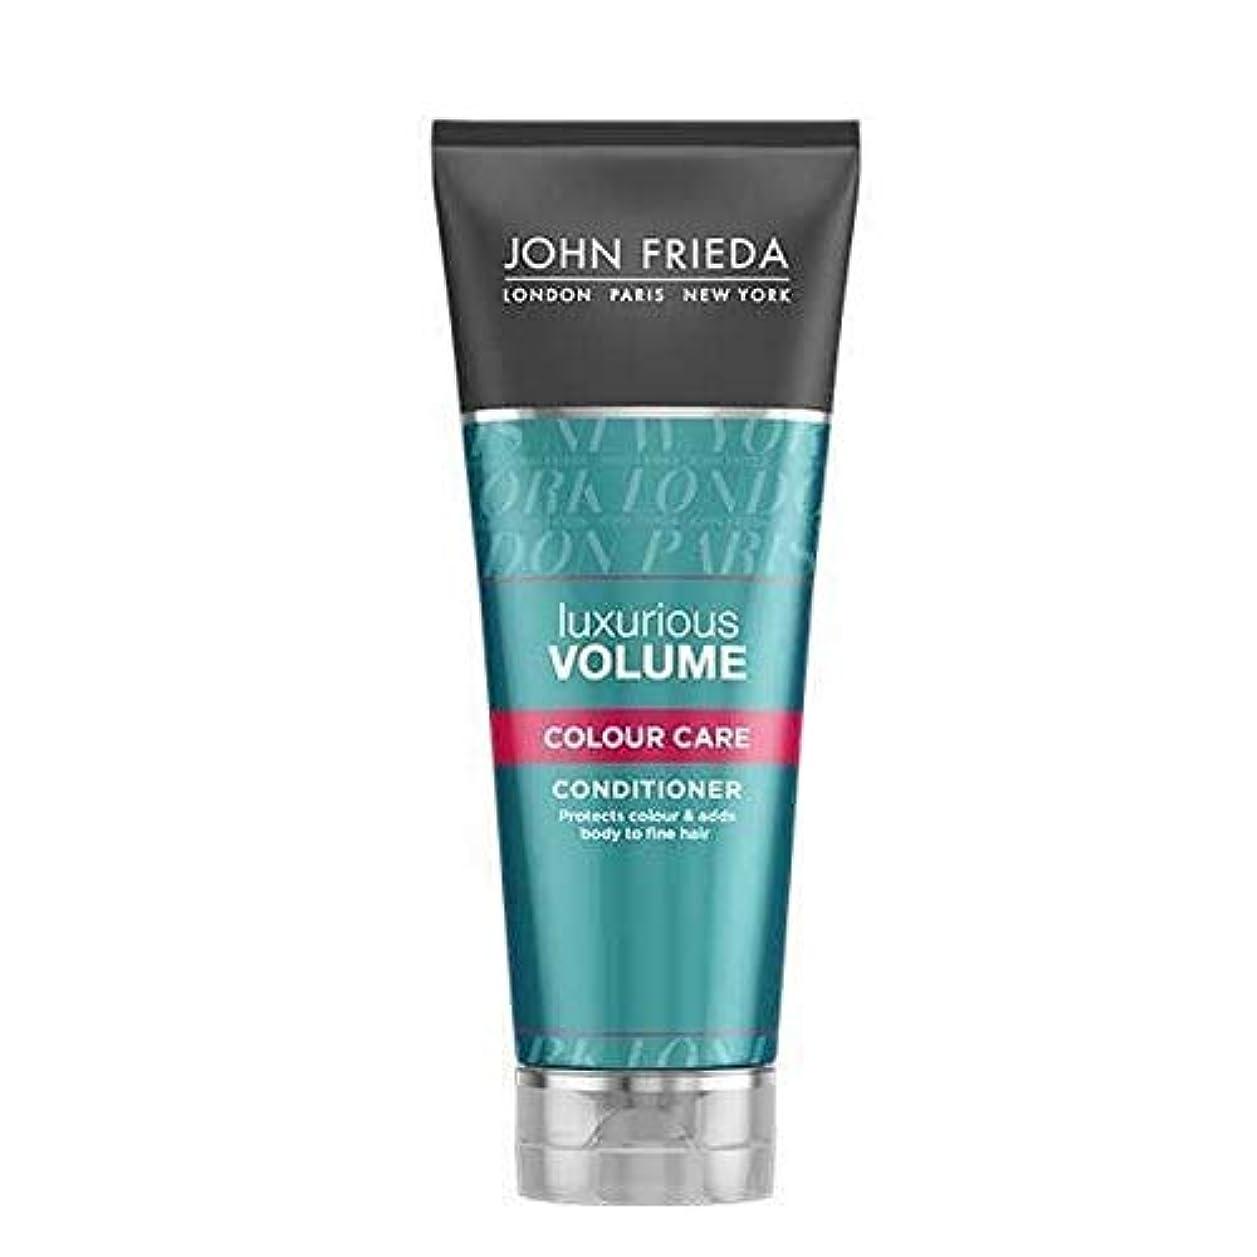 付き添い人祭りフォーマット[John Frieda ] ジョン?フリーダ贅沢なボリュームカラーケアコンディショナー250Ml - John Frieda Luxurious Volume Colour Care Conditioner 250ml...